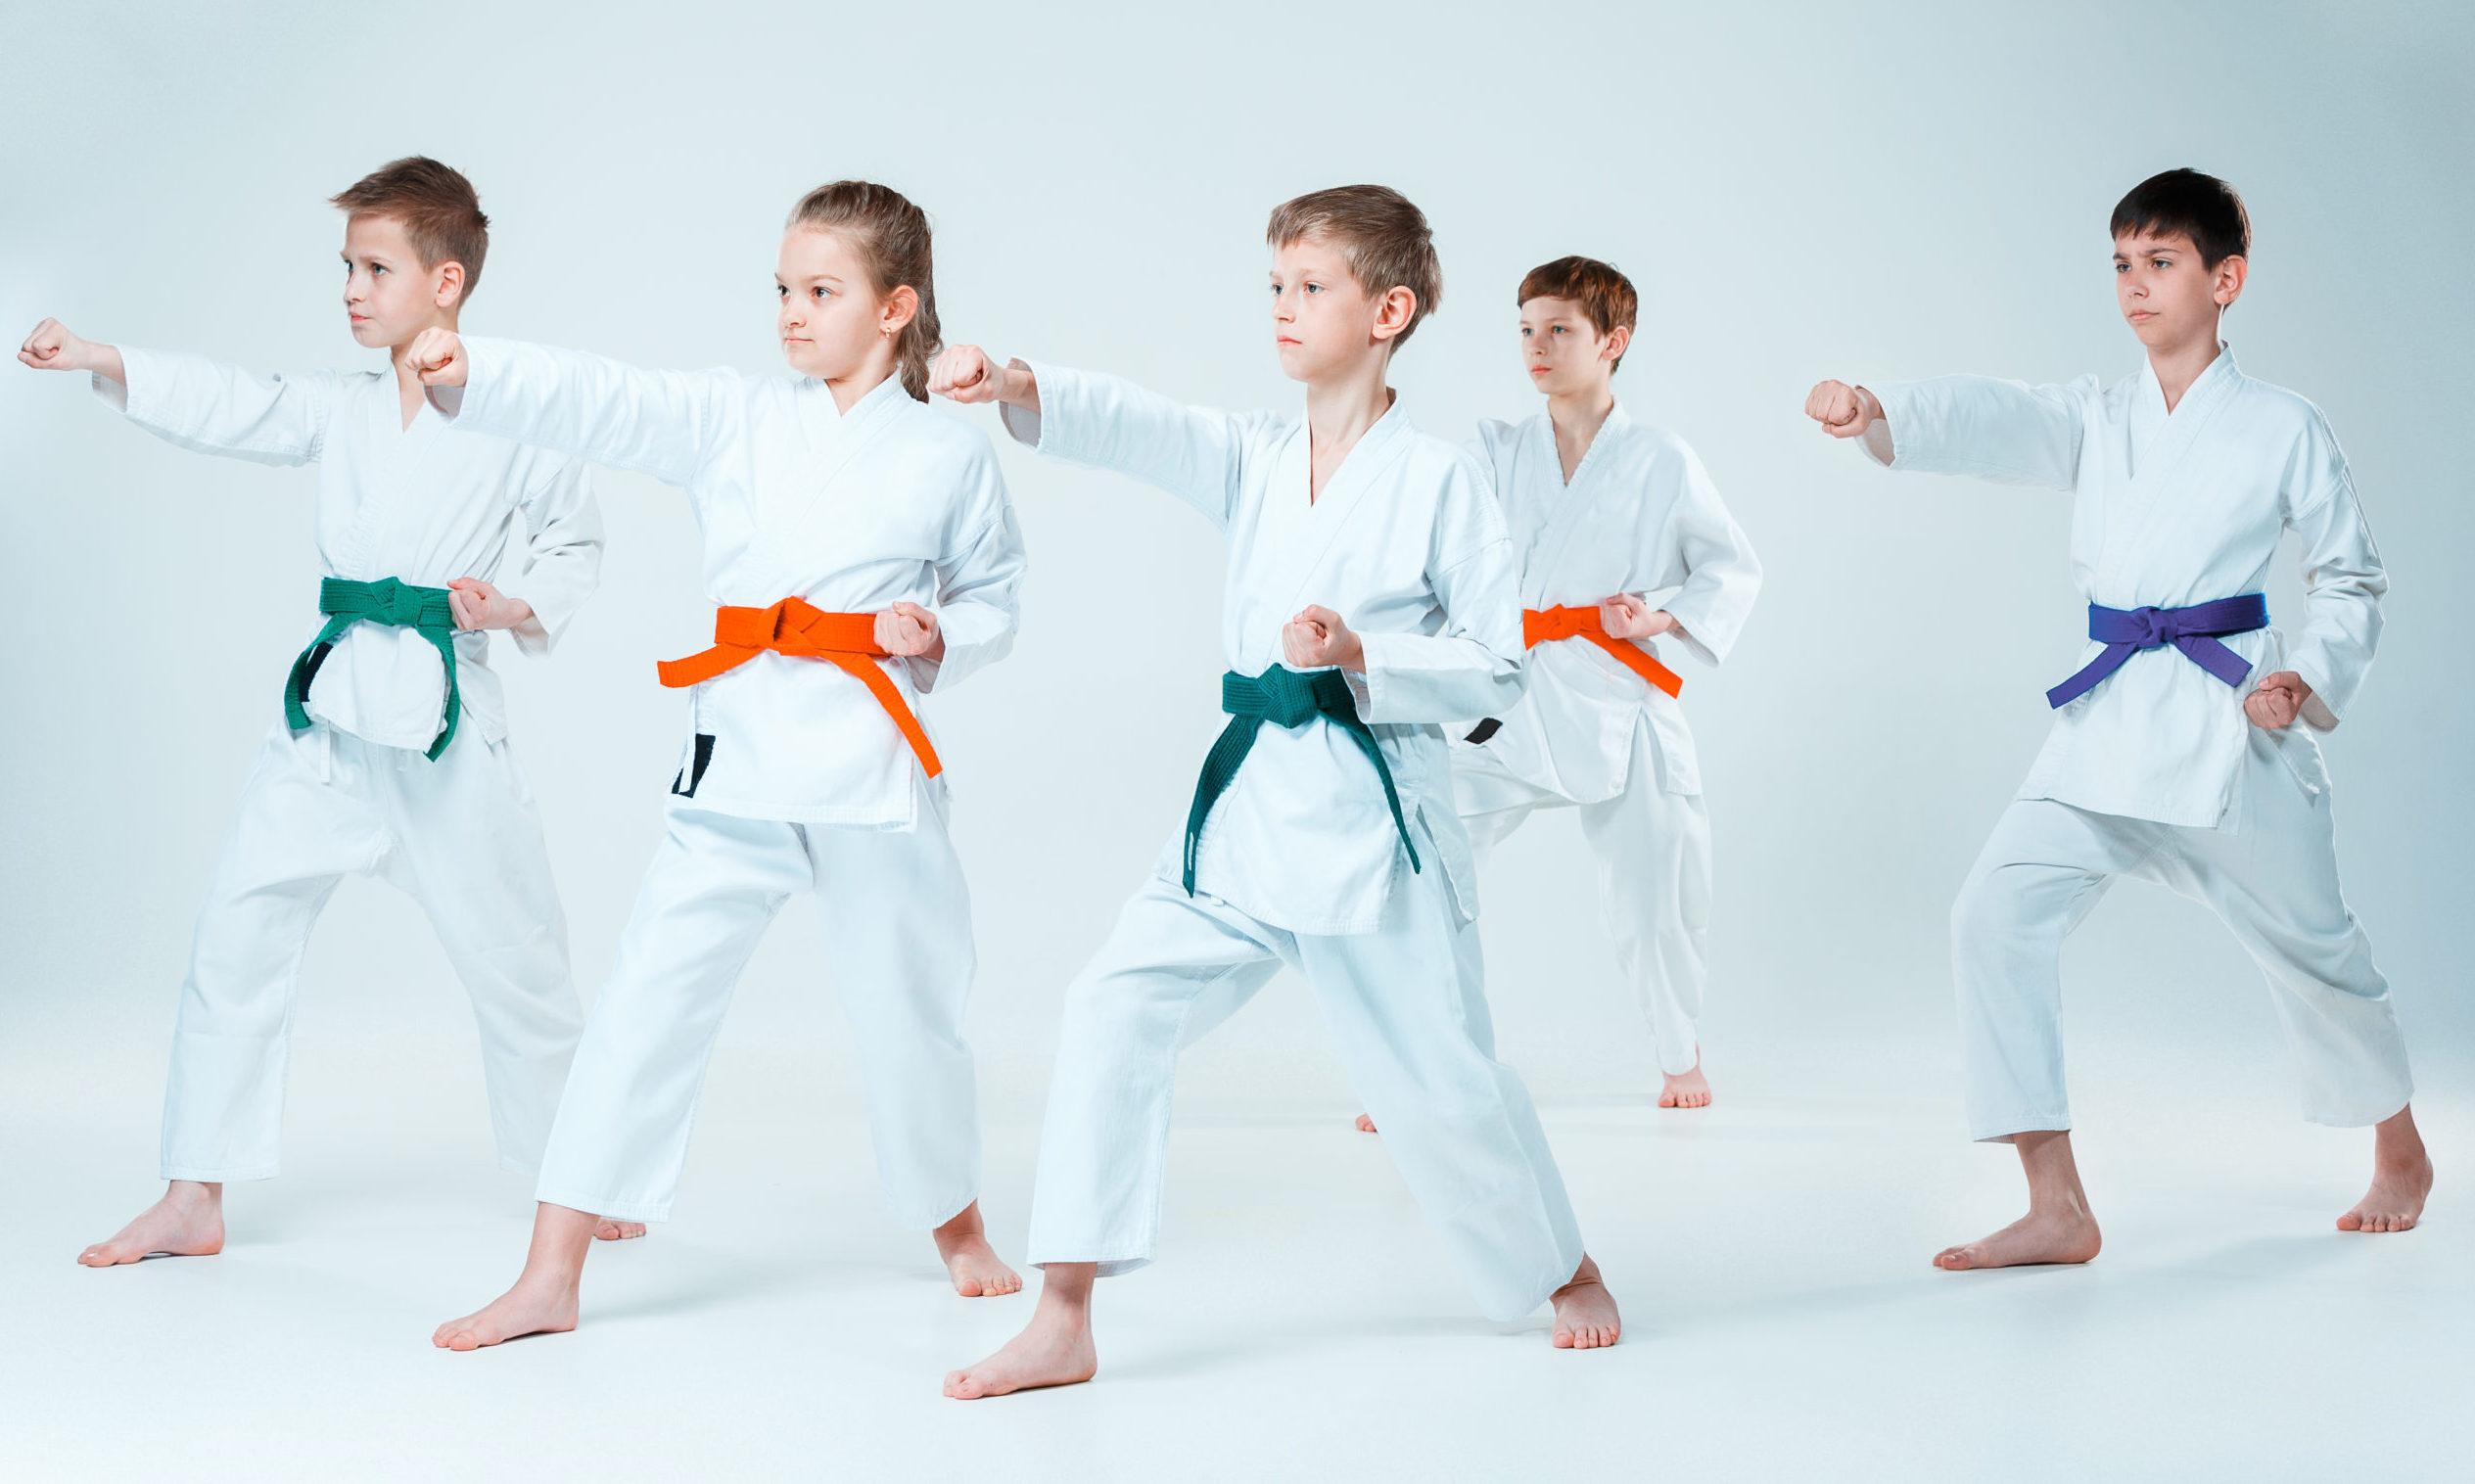 As artes marciais podem unir pais e filhos.